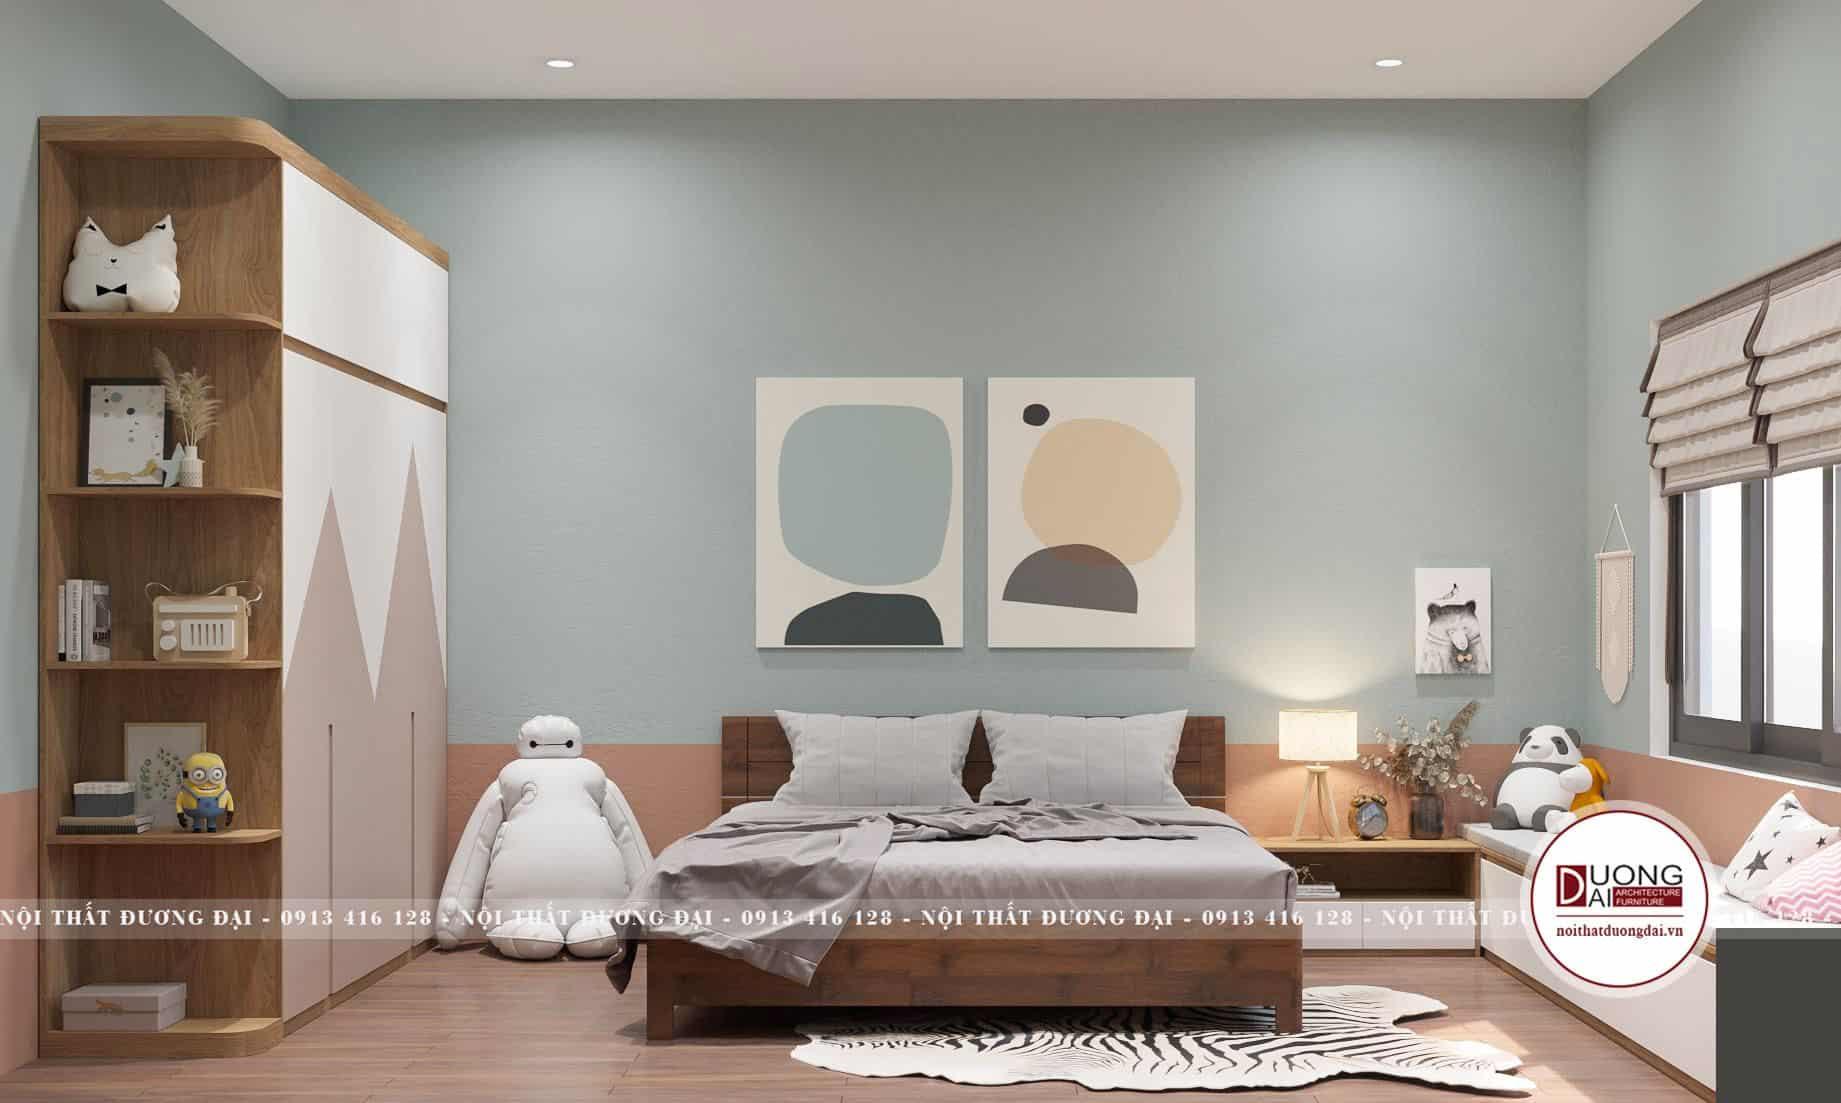 Phòng ngủ cho bé đầy ấn tượng với gam màu trẻ trung